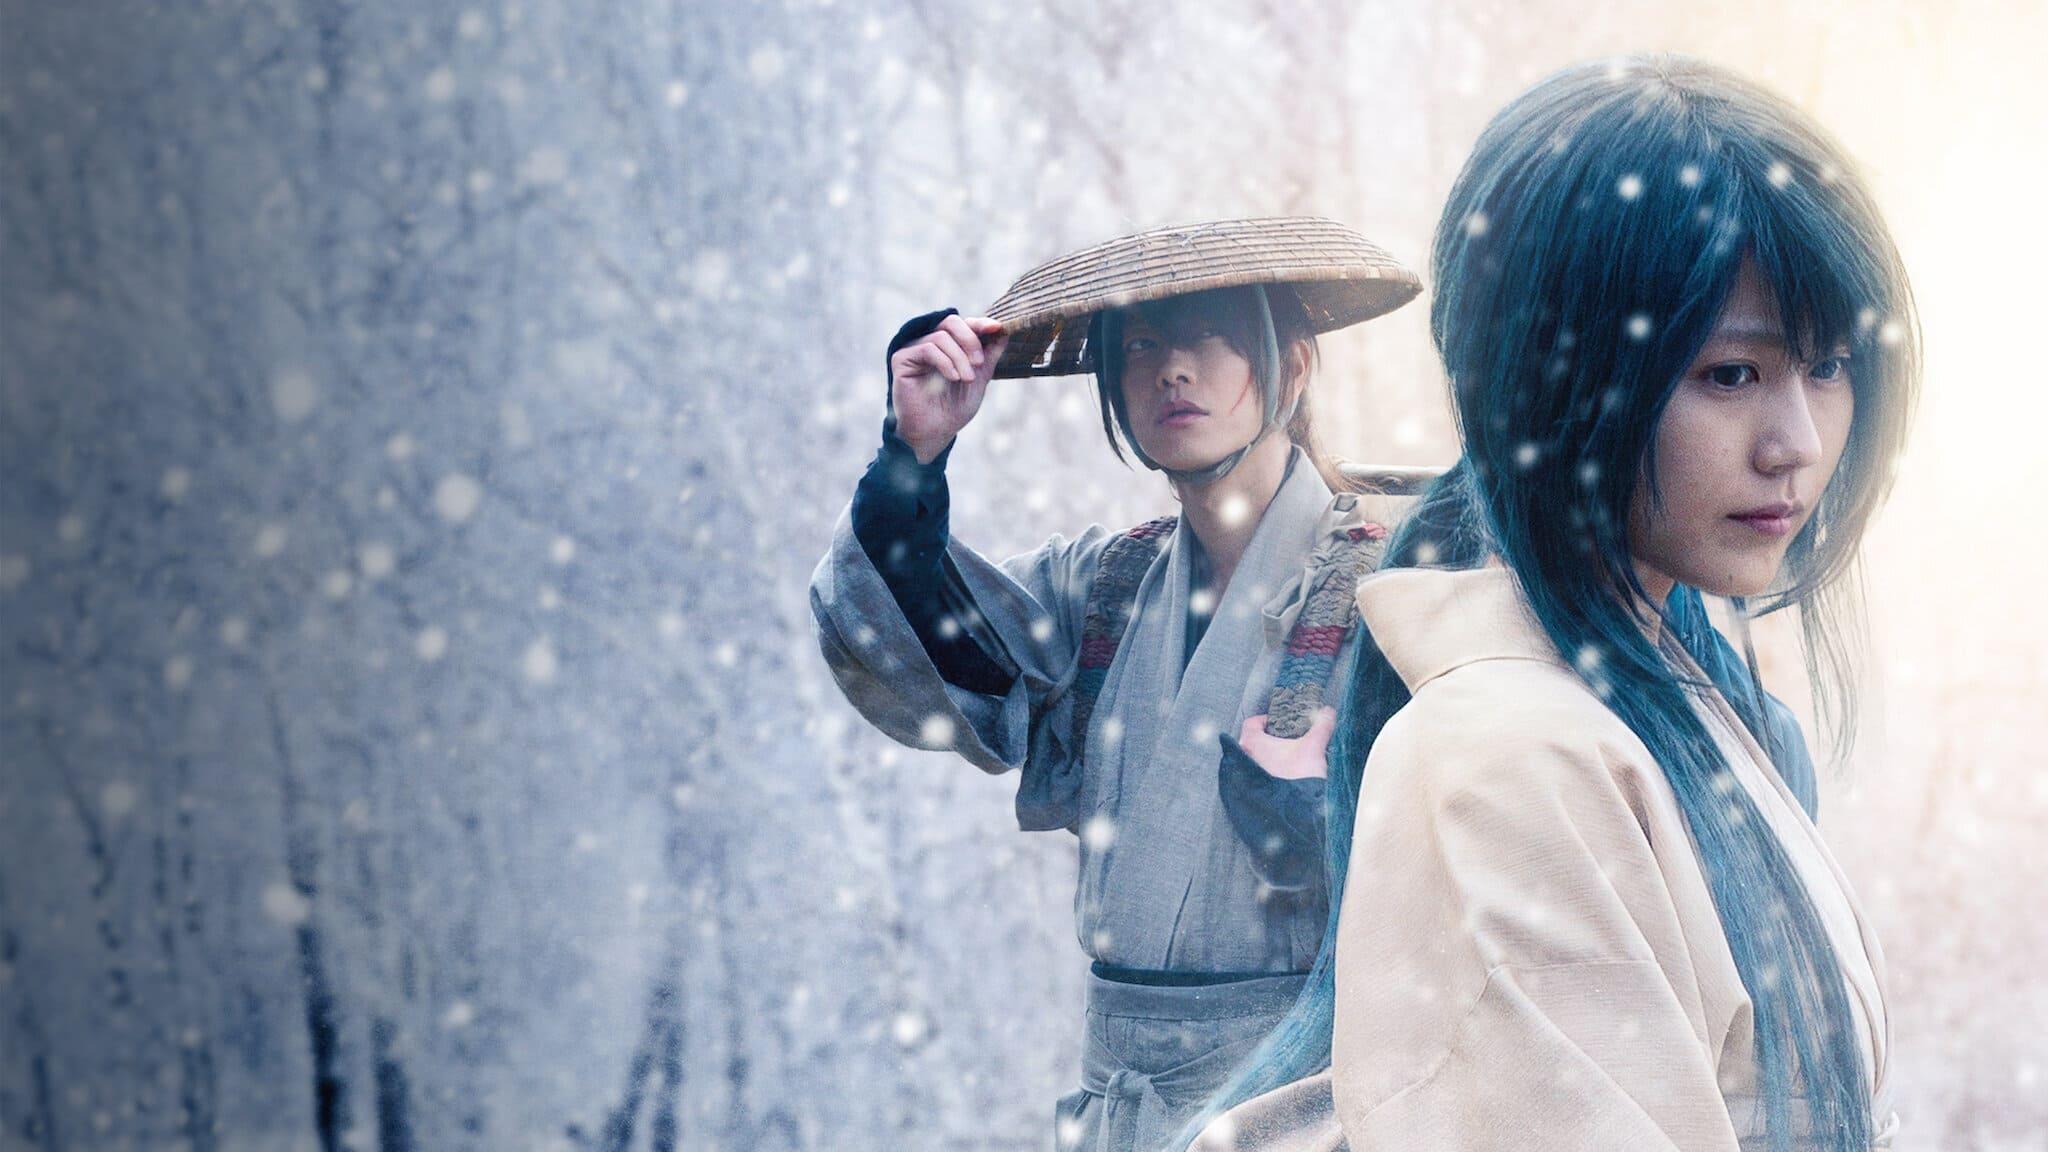 Película Kenshin, el guerrero samurái: El origen en GNULA